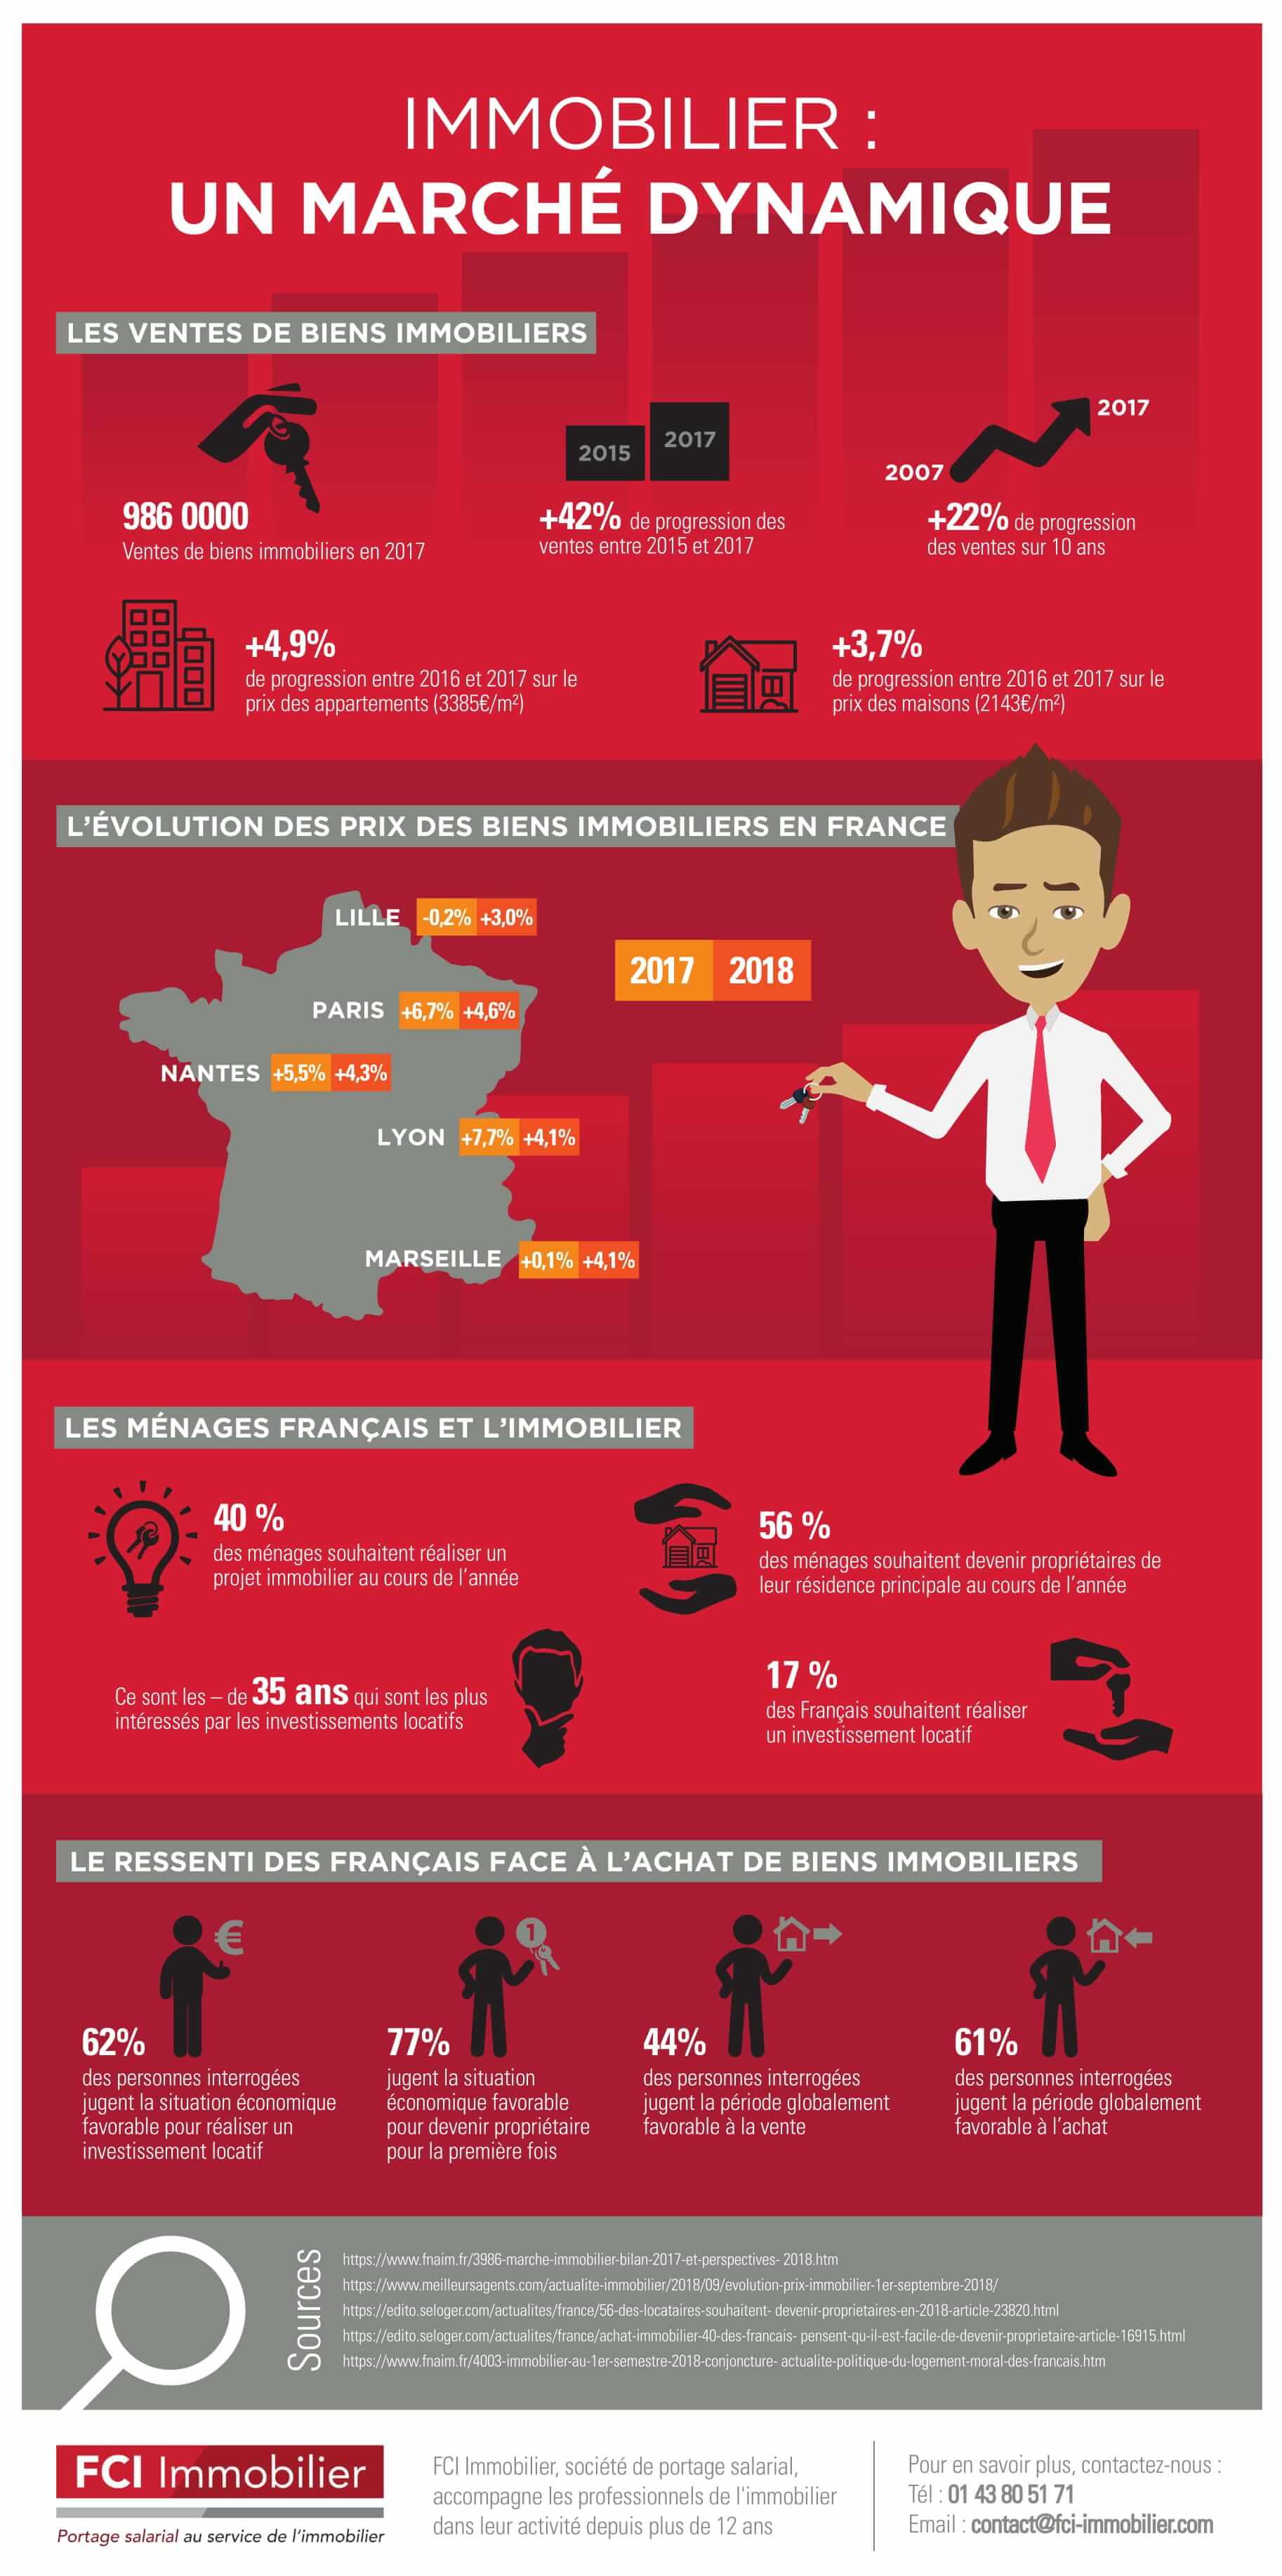 Infographie-FCI-Immobilier-Marché-Dynamique 2018 VF-1